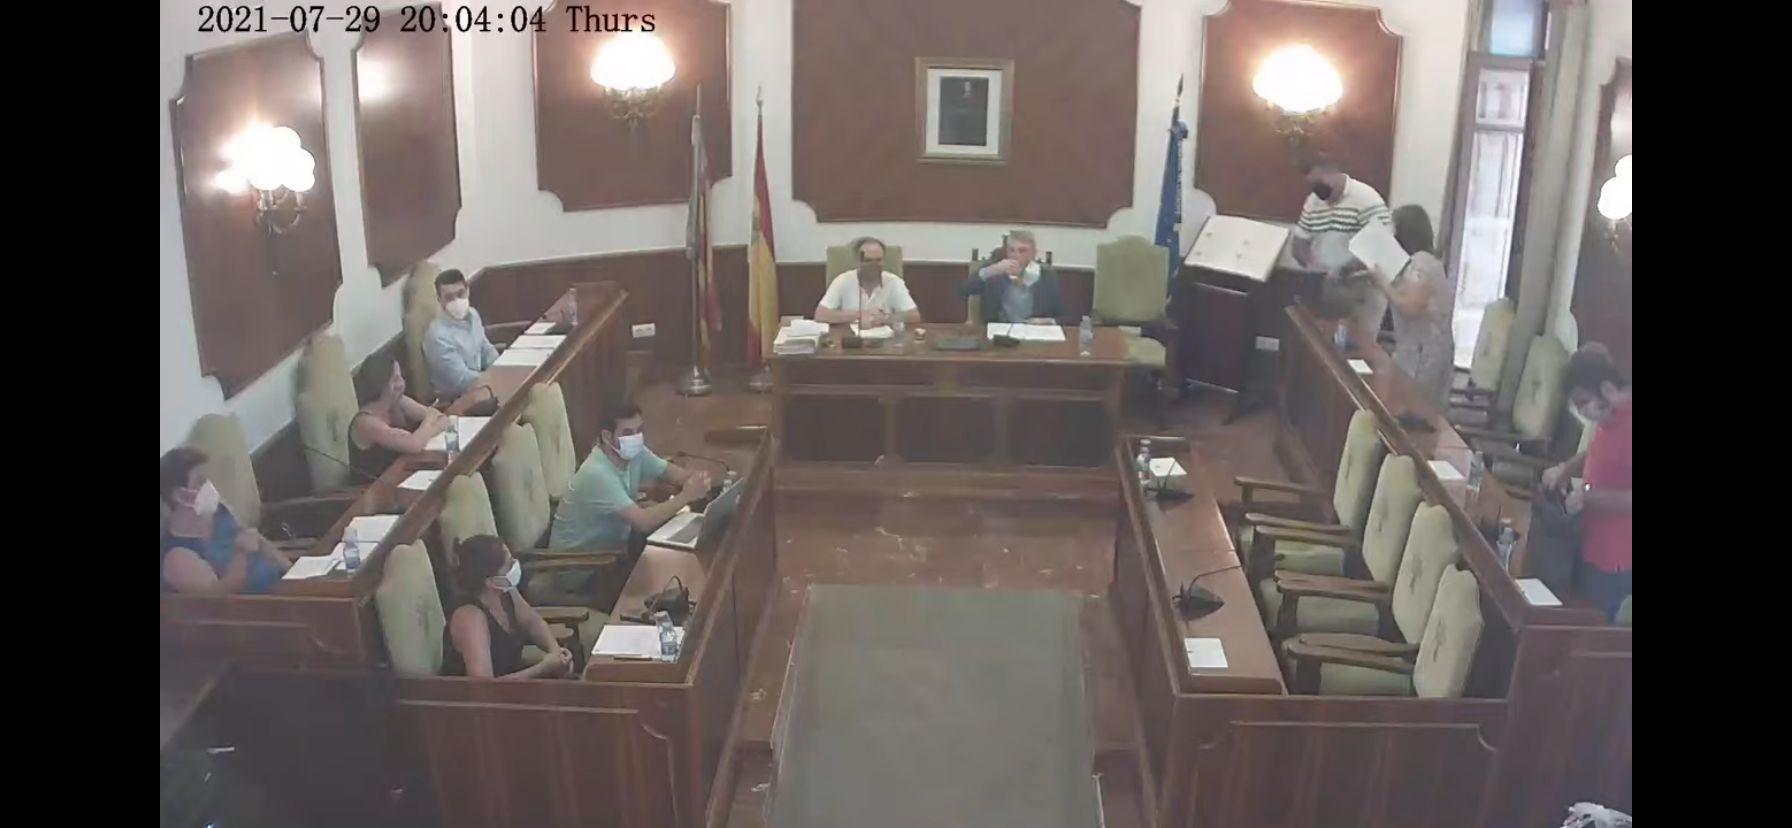 Projecte Oliva i la resta de grups de l'oposició abandonen el Plenari: l'actitud poc democràtica del Sr. alcalde ha de canviar